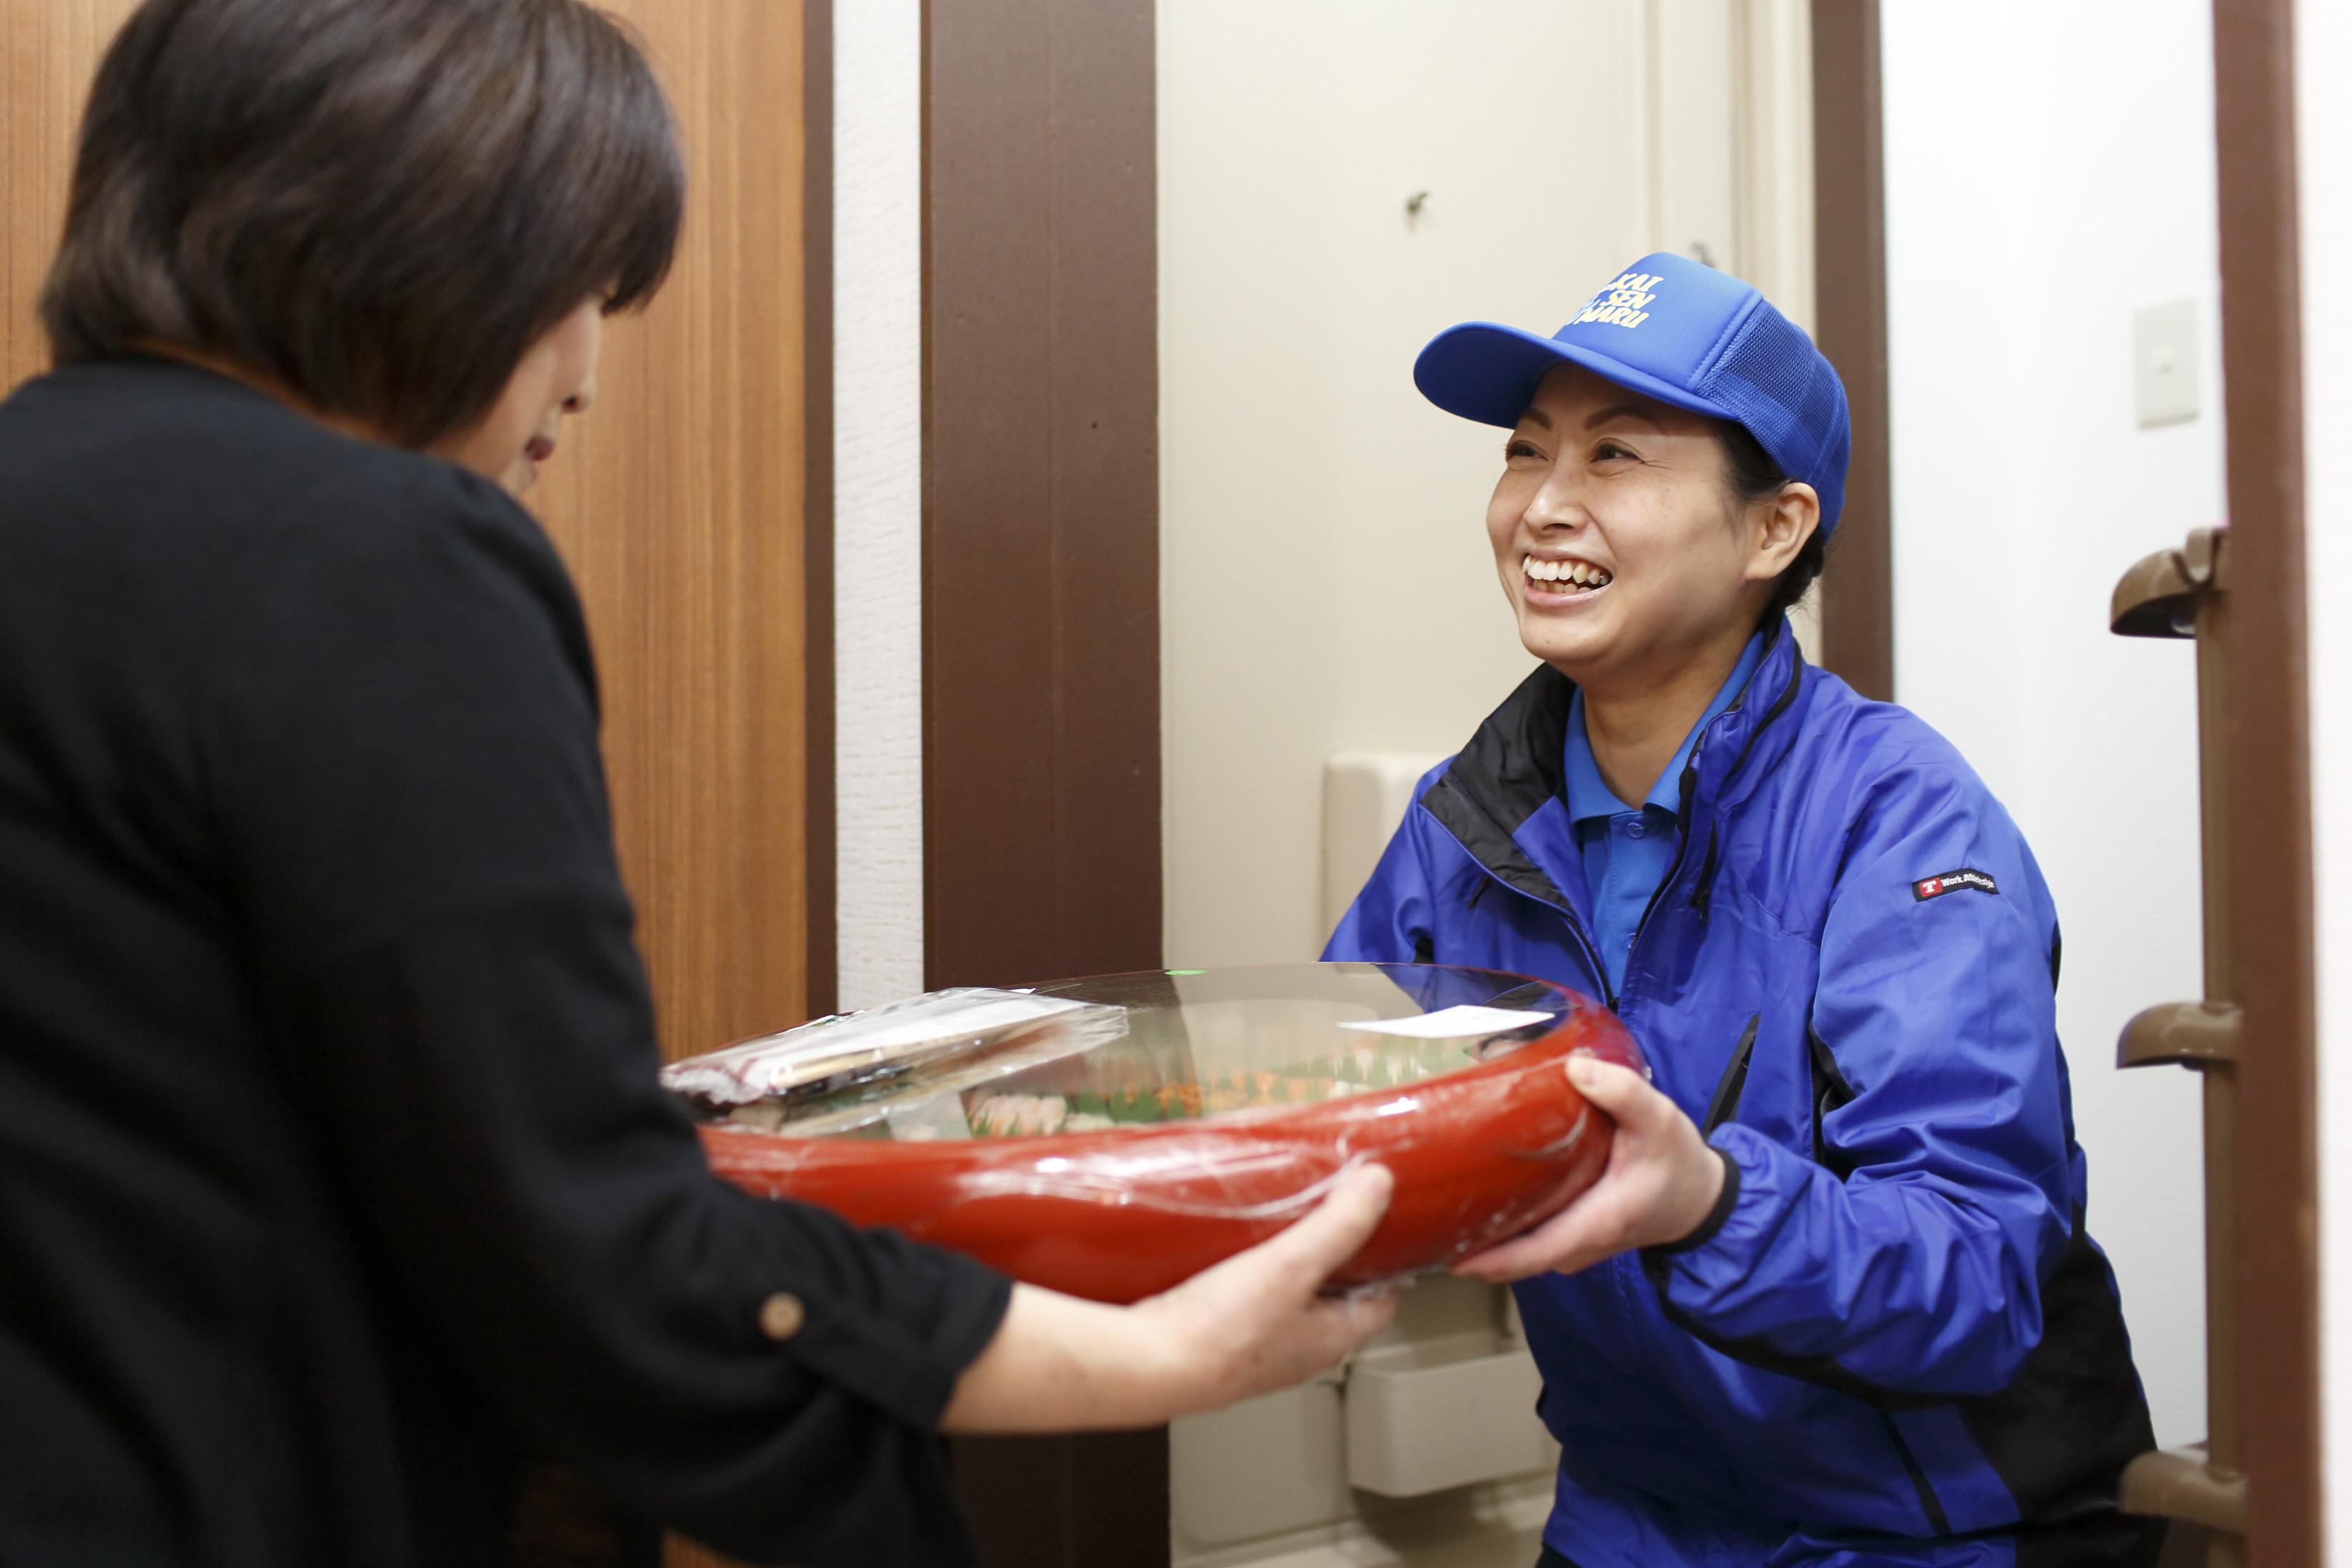 札幌海鮮丸 前田店 デリバリー(配達)スタッフのアルバイト情報